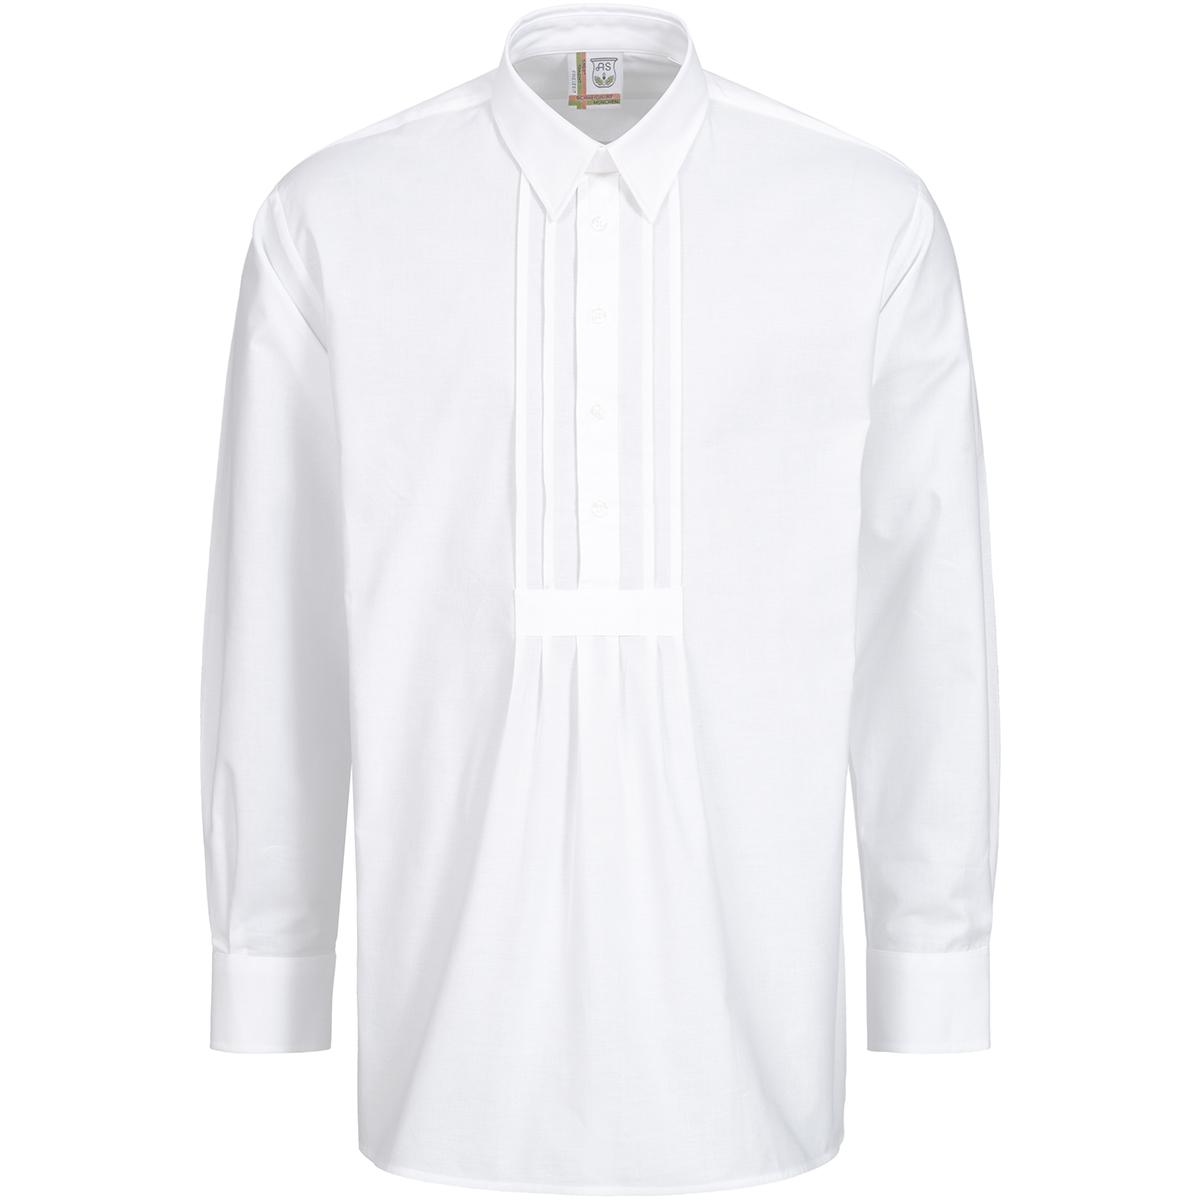 Trachtenhemd Peter Regular Fit mit Riegel in Weiß von Schweighart günstig online kaufen